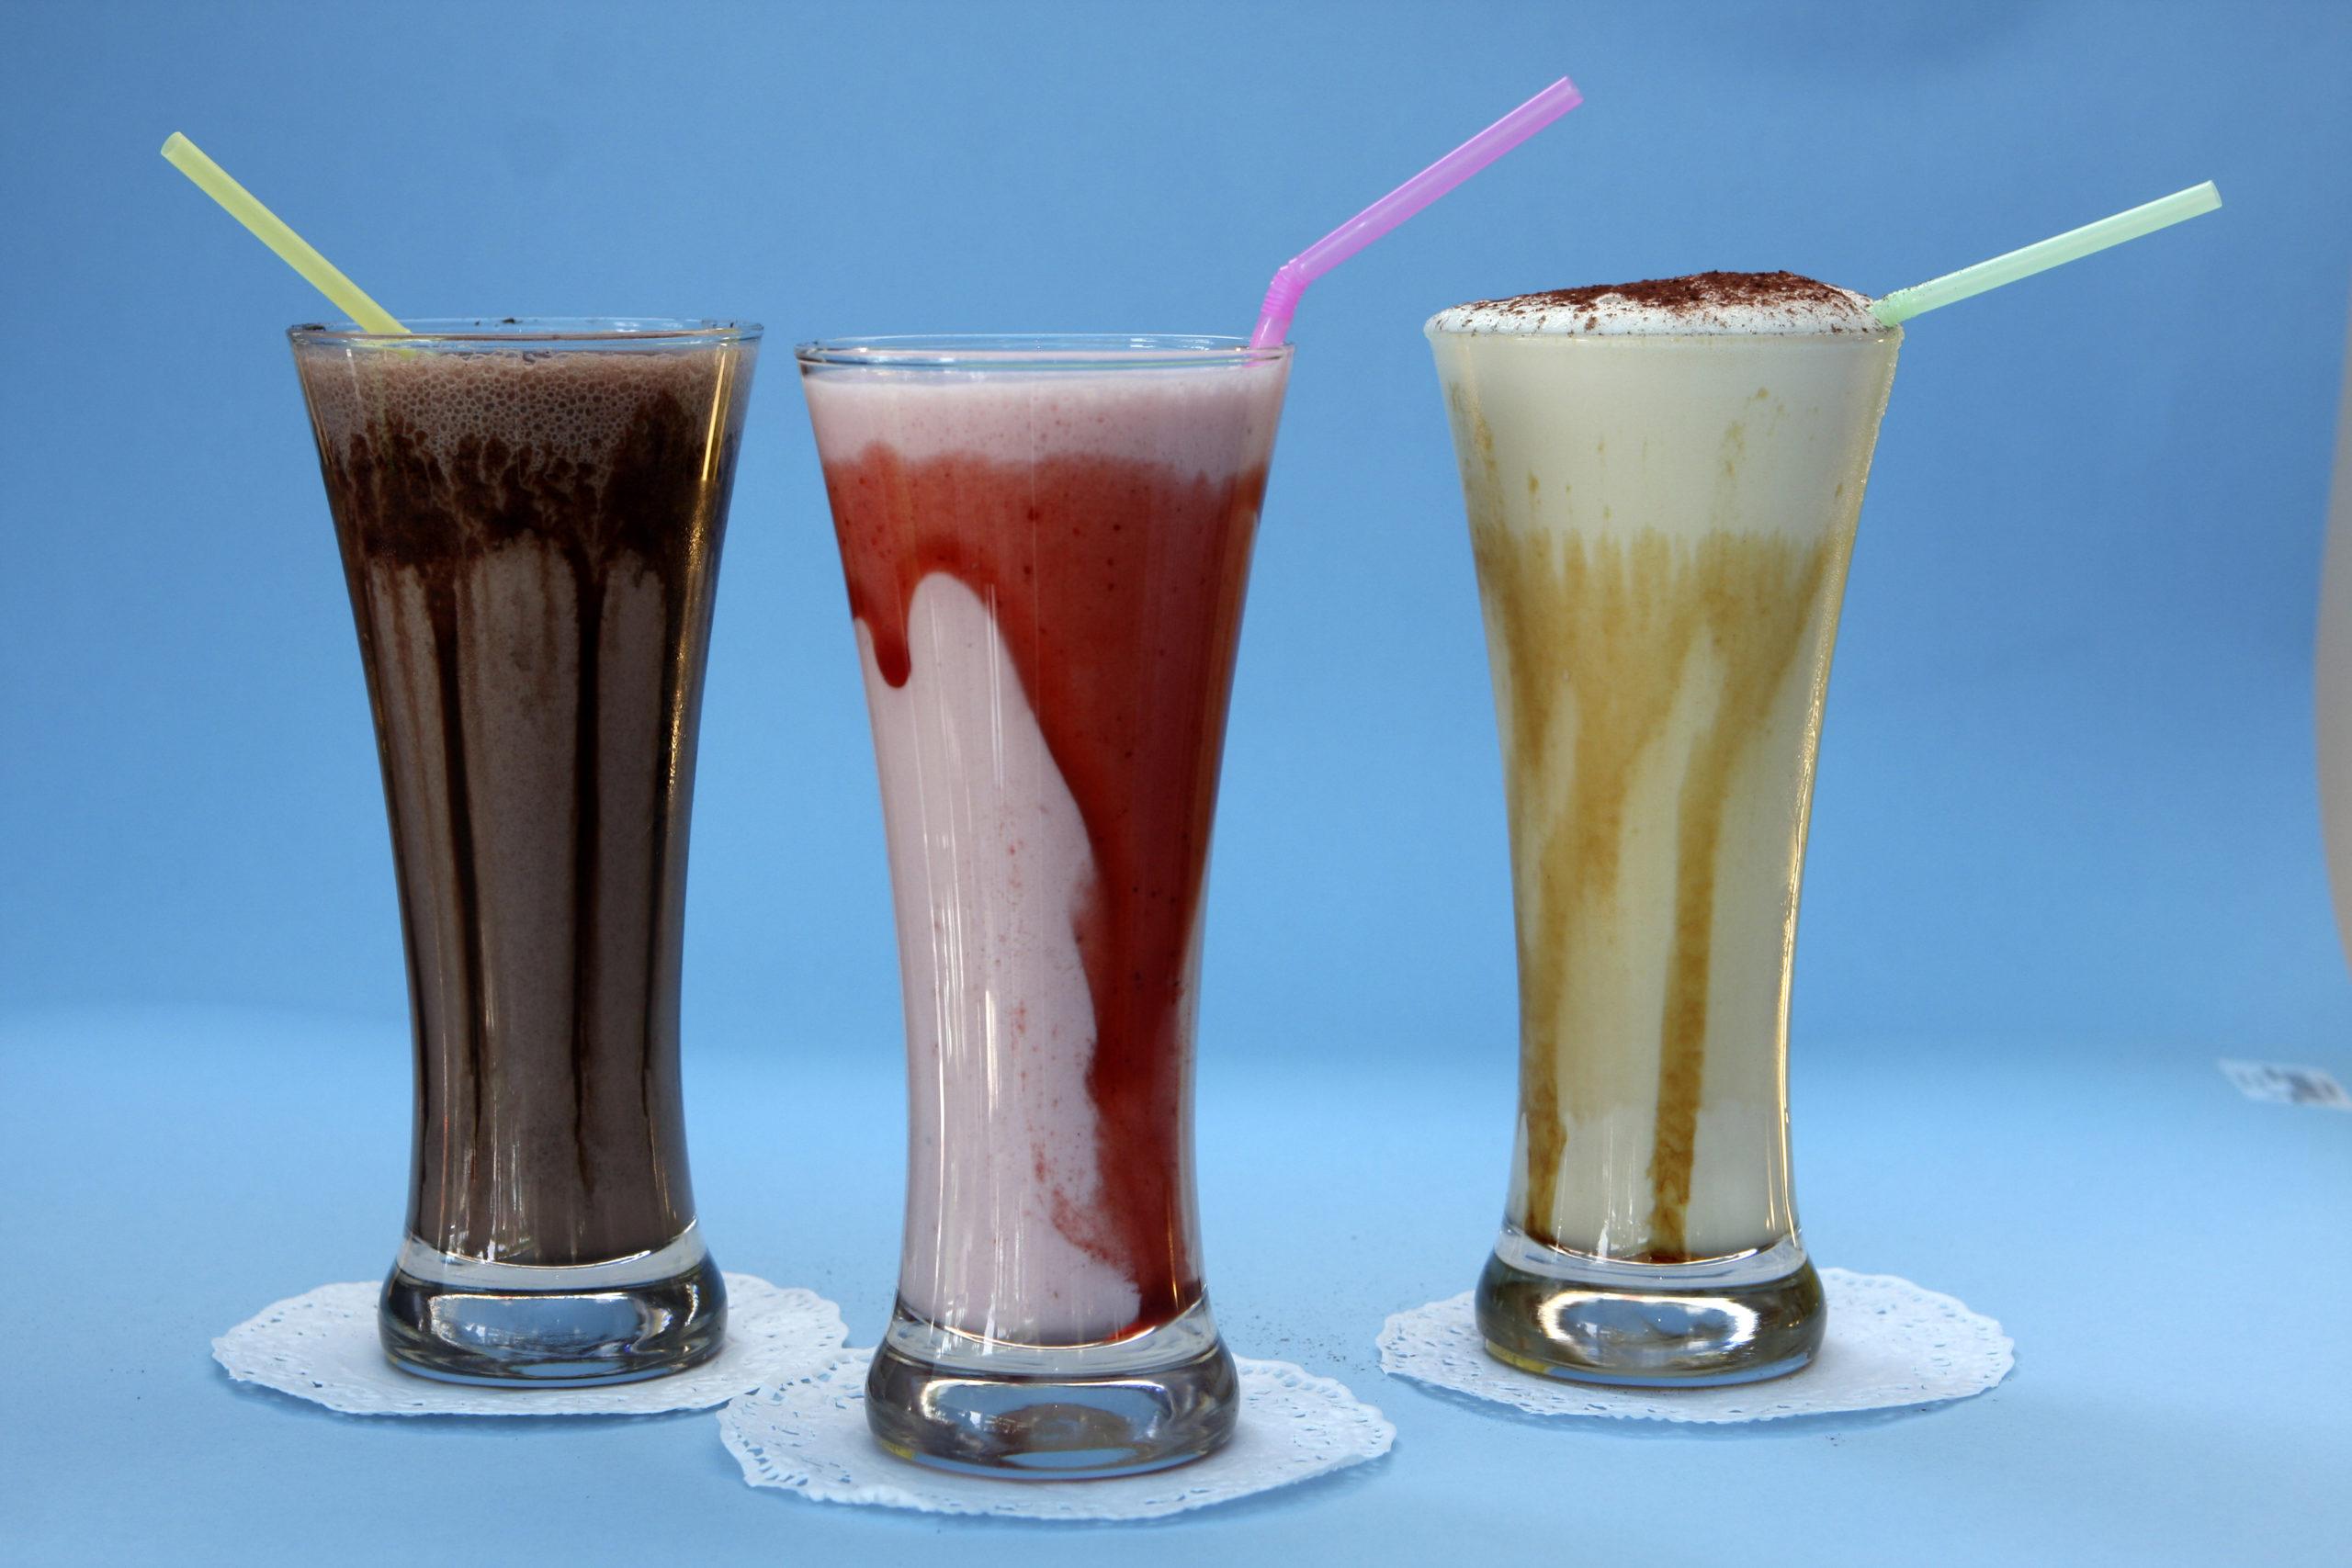 batidos de helado al gusto en gelatia la pineda y salou